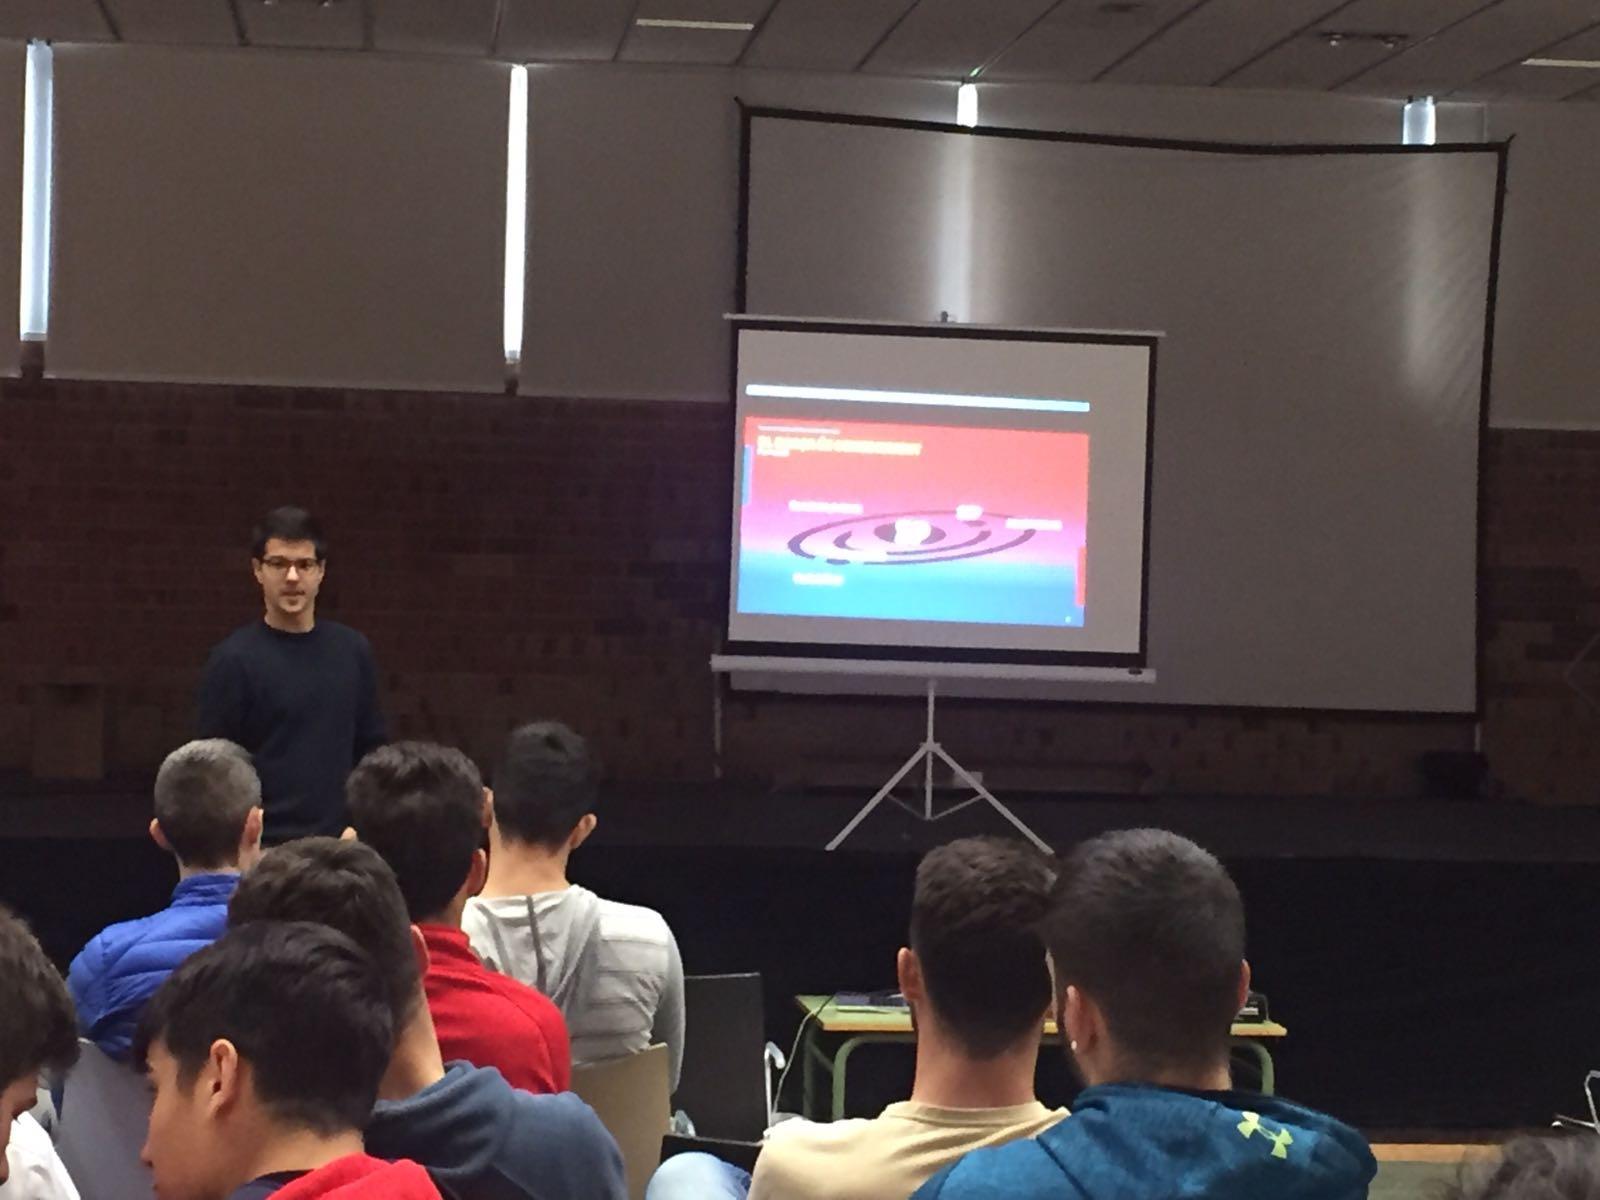 Jornada formativa de Jordi Arasa, coordinador de Barça Academy a Àsia, als estudiants de CAFE a Terres de l'Ebre